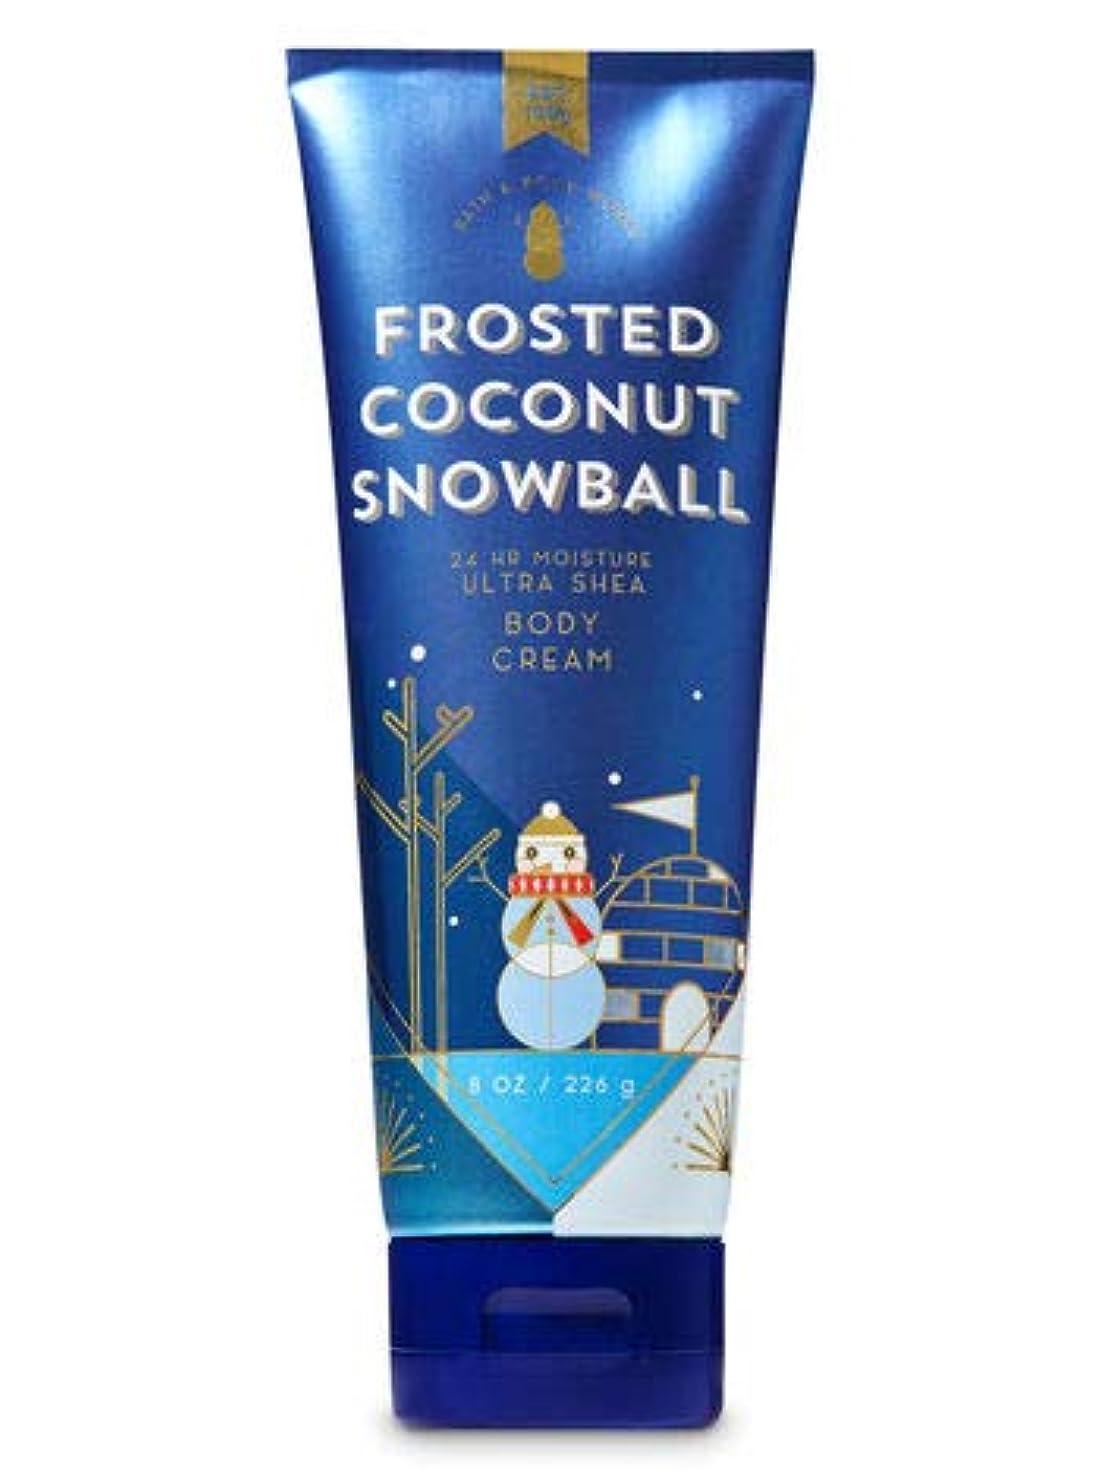 スタンド人生を作る石油【Bath&Body Works/バス&ボディワークス】 ボディクリーム Frosted フロステッドココナッツスノーボール Ultra Shea Body Cream Frosted Coconut Snowball 8 oz / 226 g [並行輸入品]